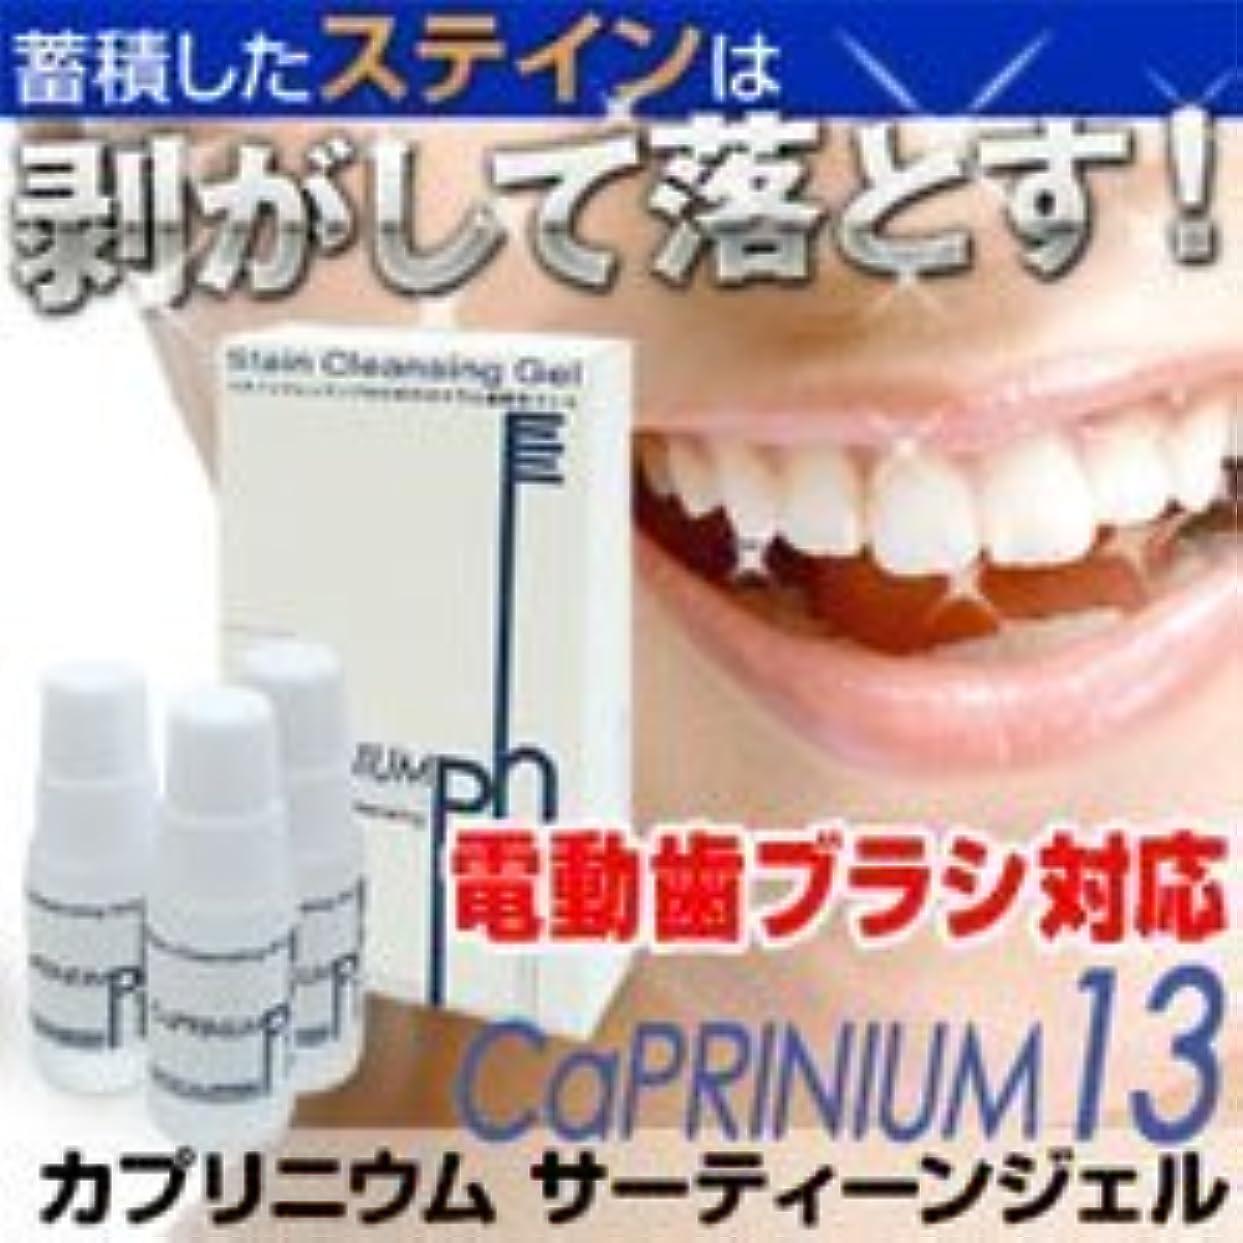 悪因子北へ速度カプリジェル(カプリニウムサーティーンジェル)10g×3個(1か月分) 電動歯ブラシ対応歯磨きジェル